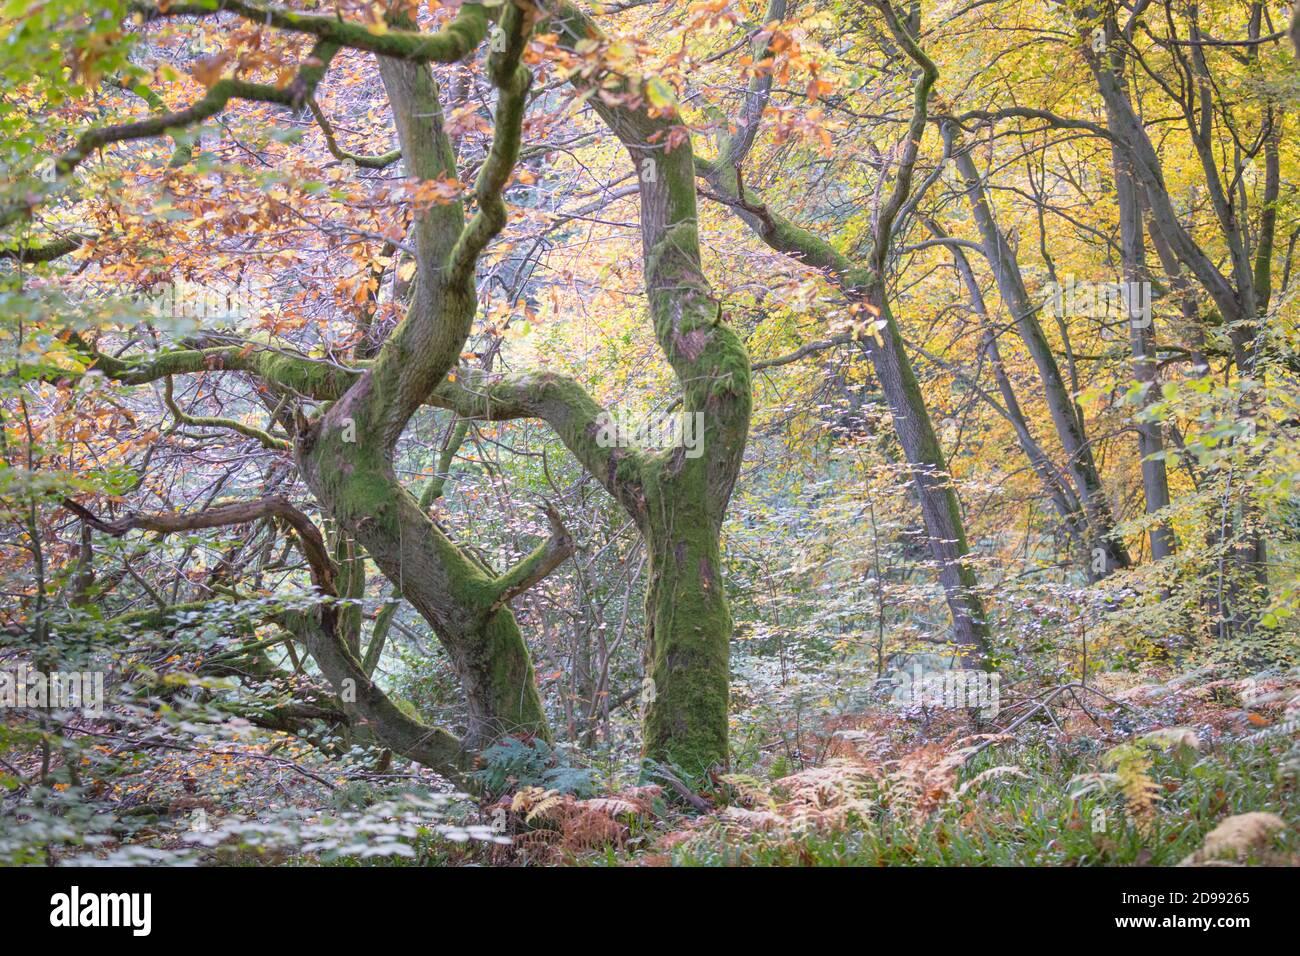 Antichi querce intrecciate in un bosco in autunno, con foglie dorate e muschio verde brillante sui tronchi e rami dell'albero. Foto Stock